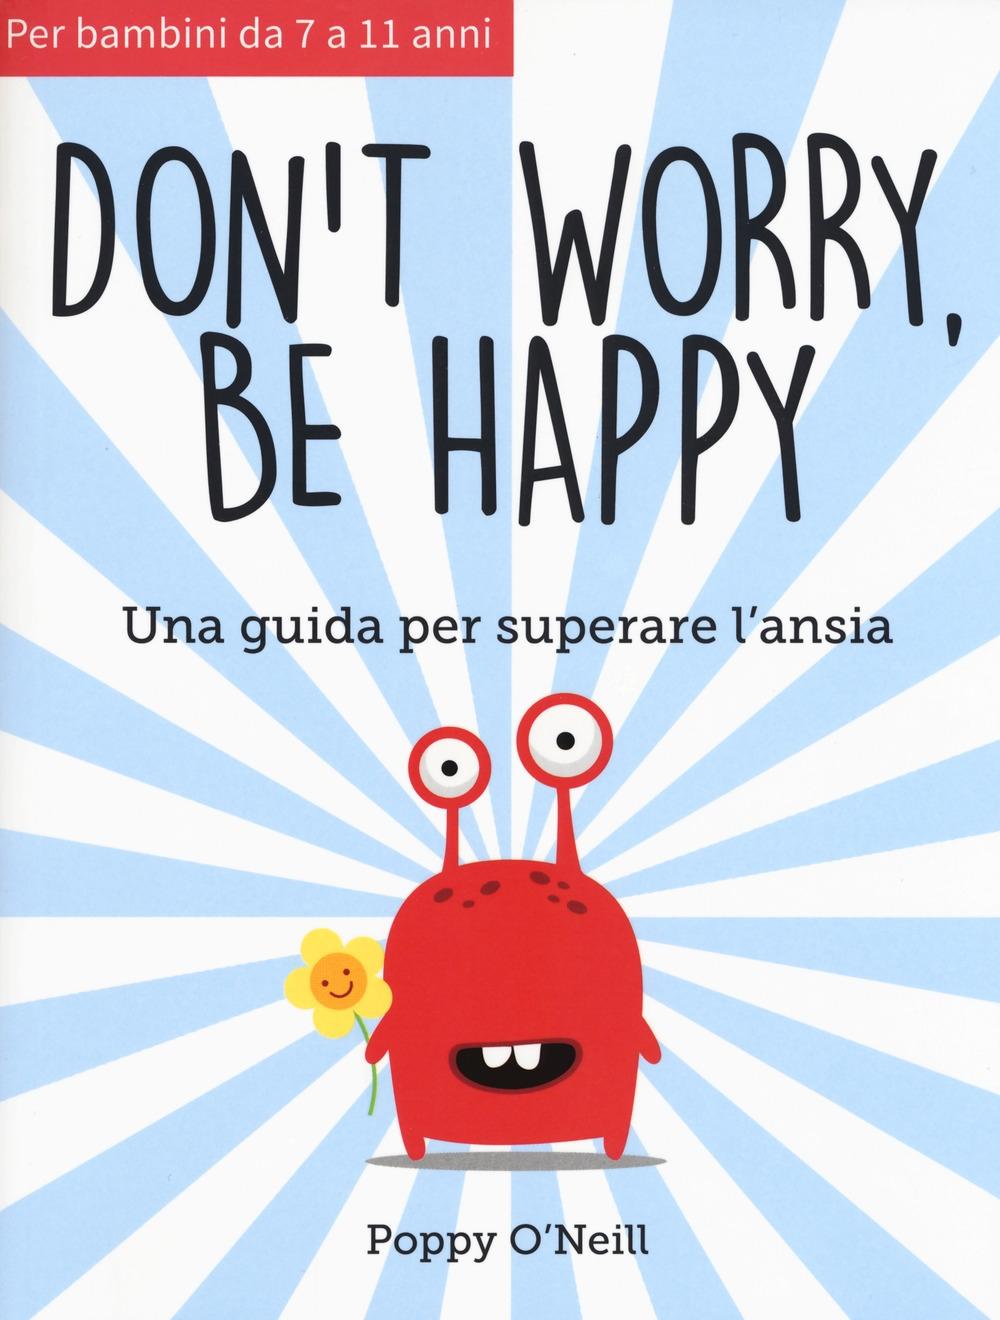 Don't worry, be happy. Una guida per superare l'ansia